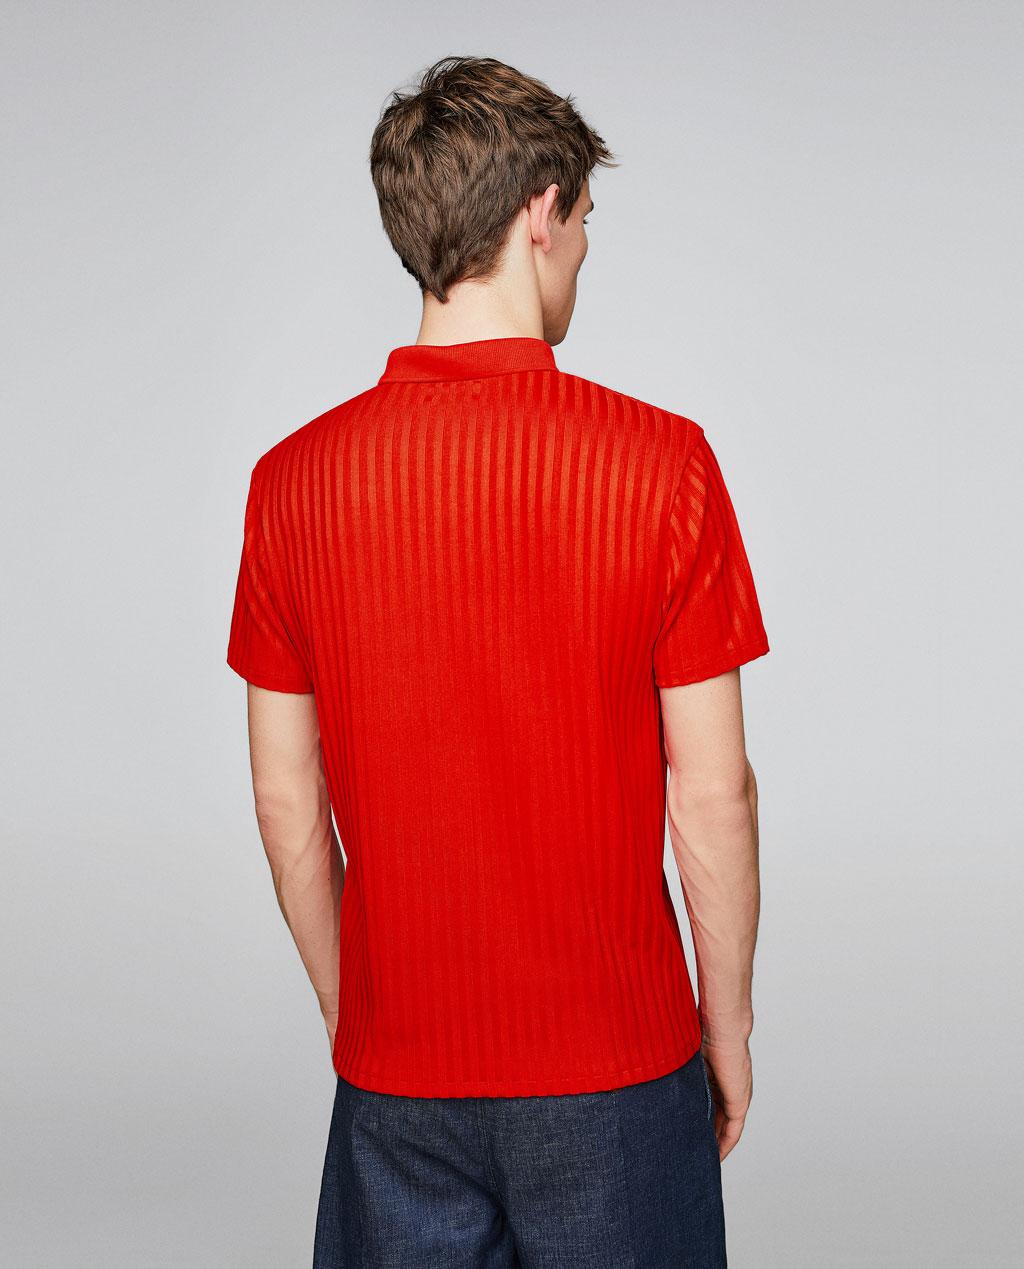 Thời trang nam Zara  23930 - ảnh 5